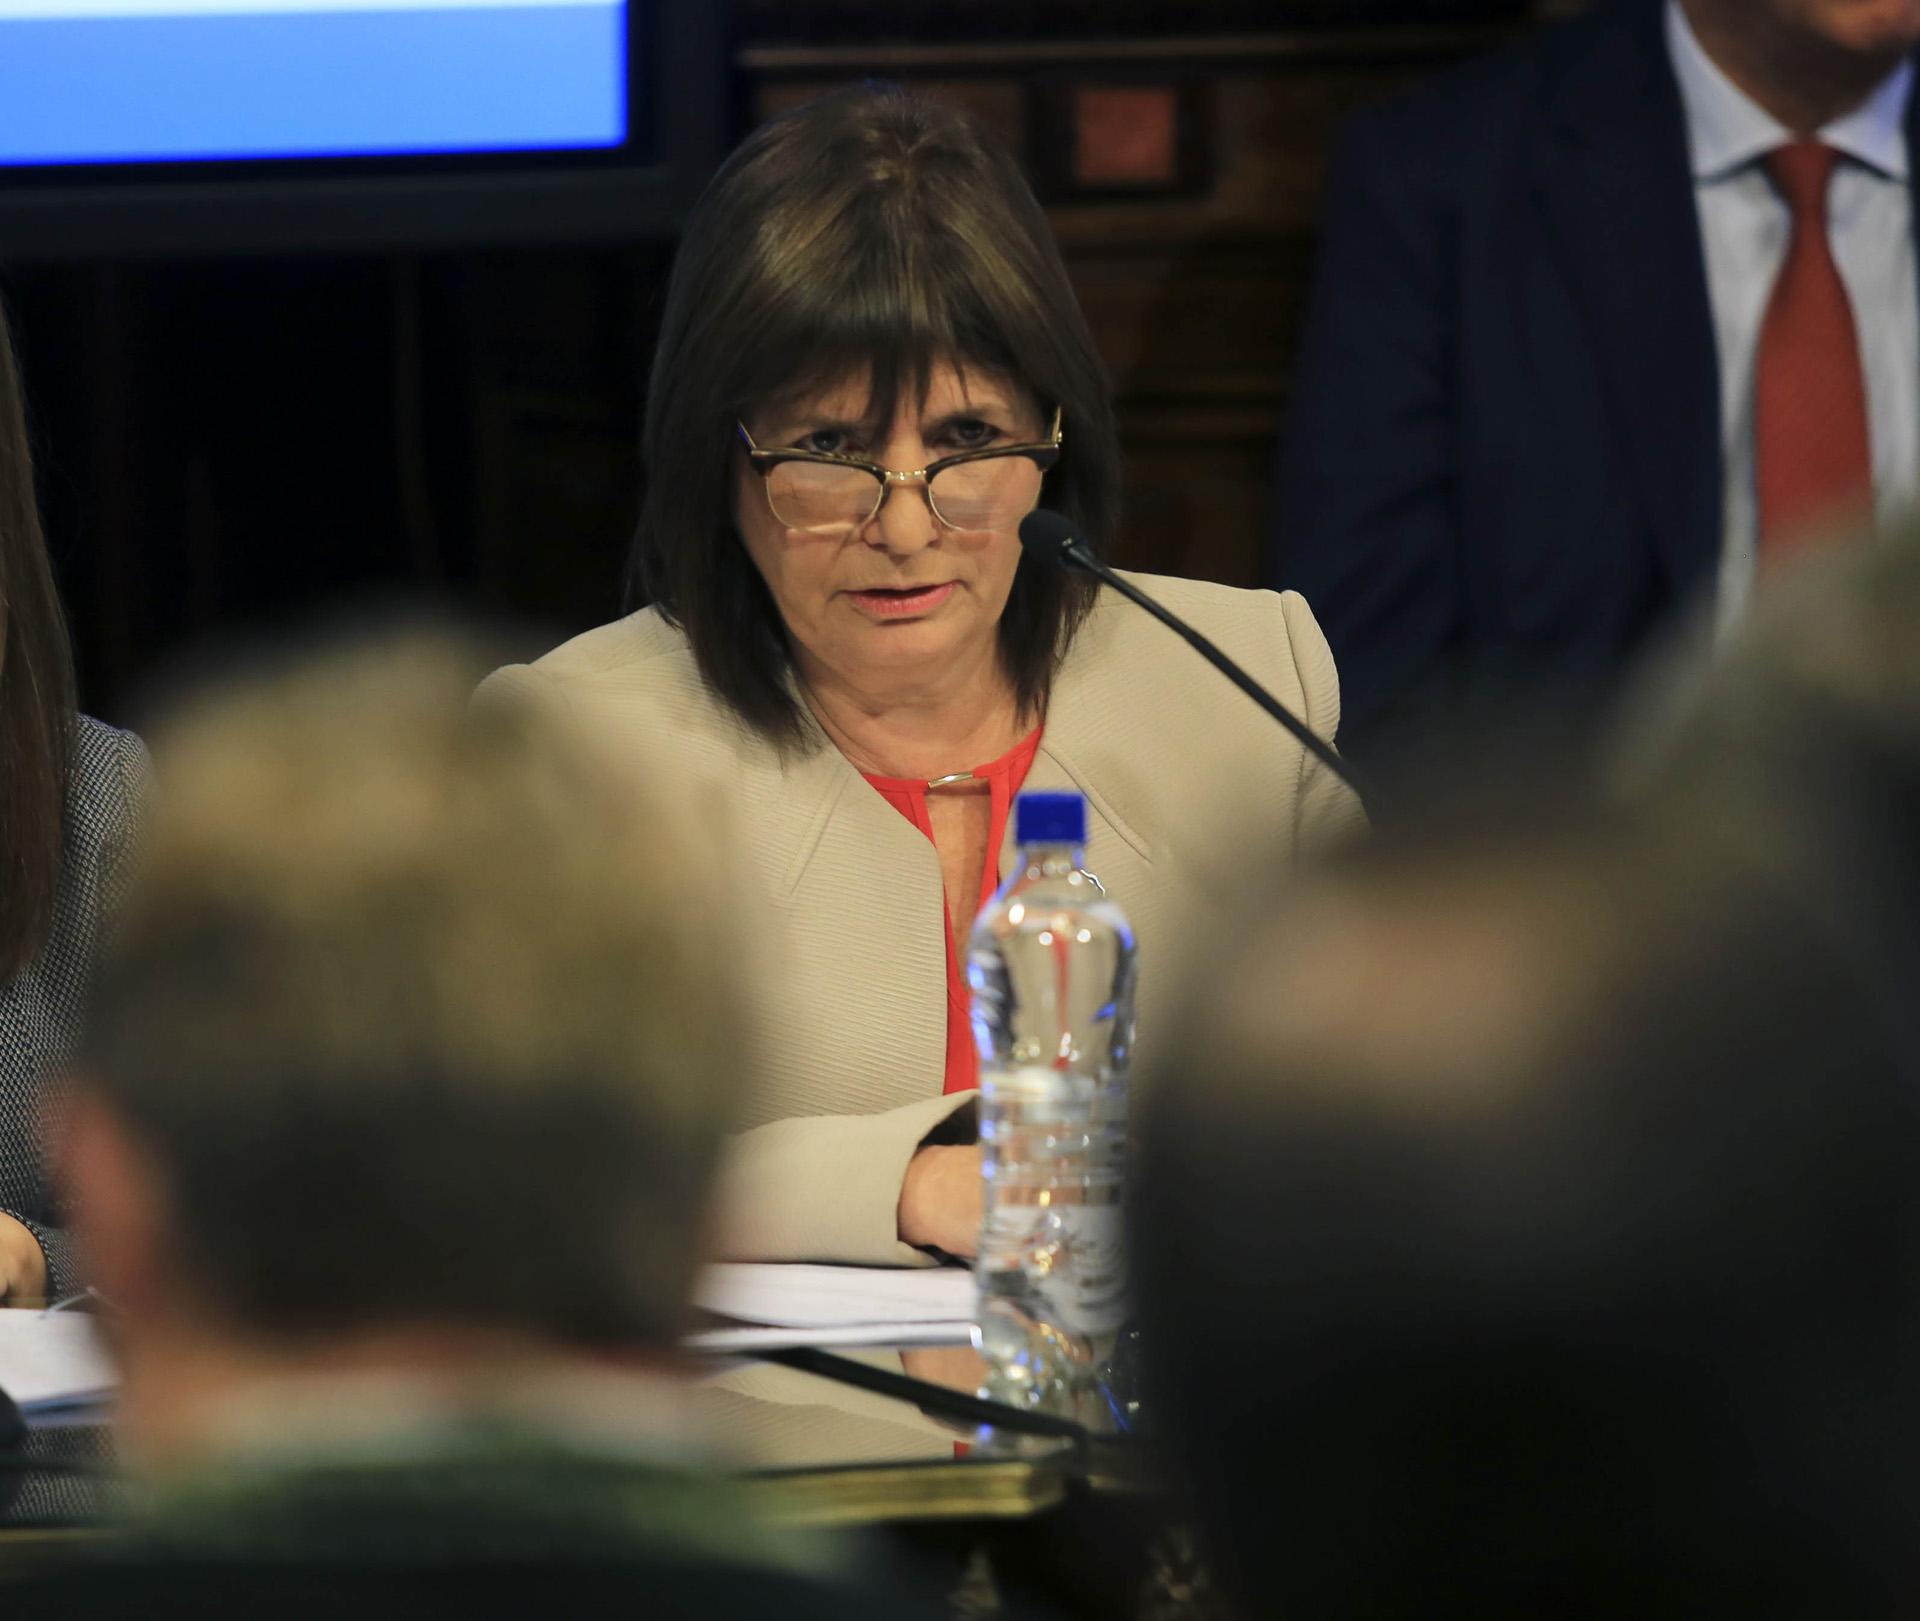 La Comisión de Seguridad Interior y Narcotráfico del Senado, escucha a la ministra de Seguridad de la Nación, Patricia Bullrich, quien da explicaciones por el caso de Santiago Maldonado